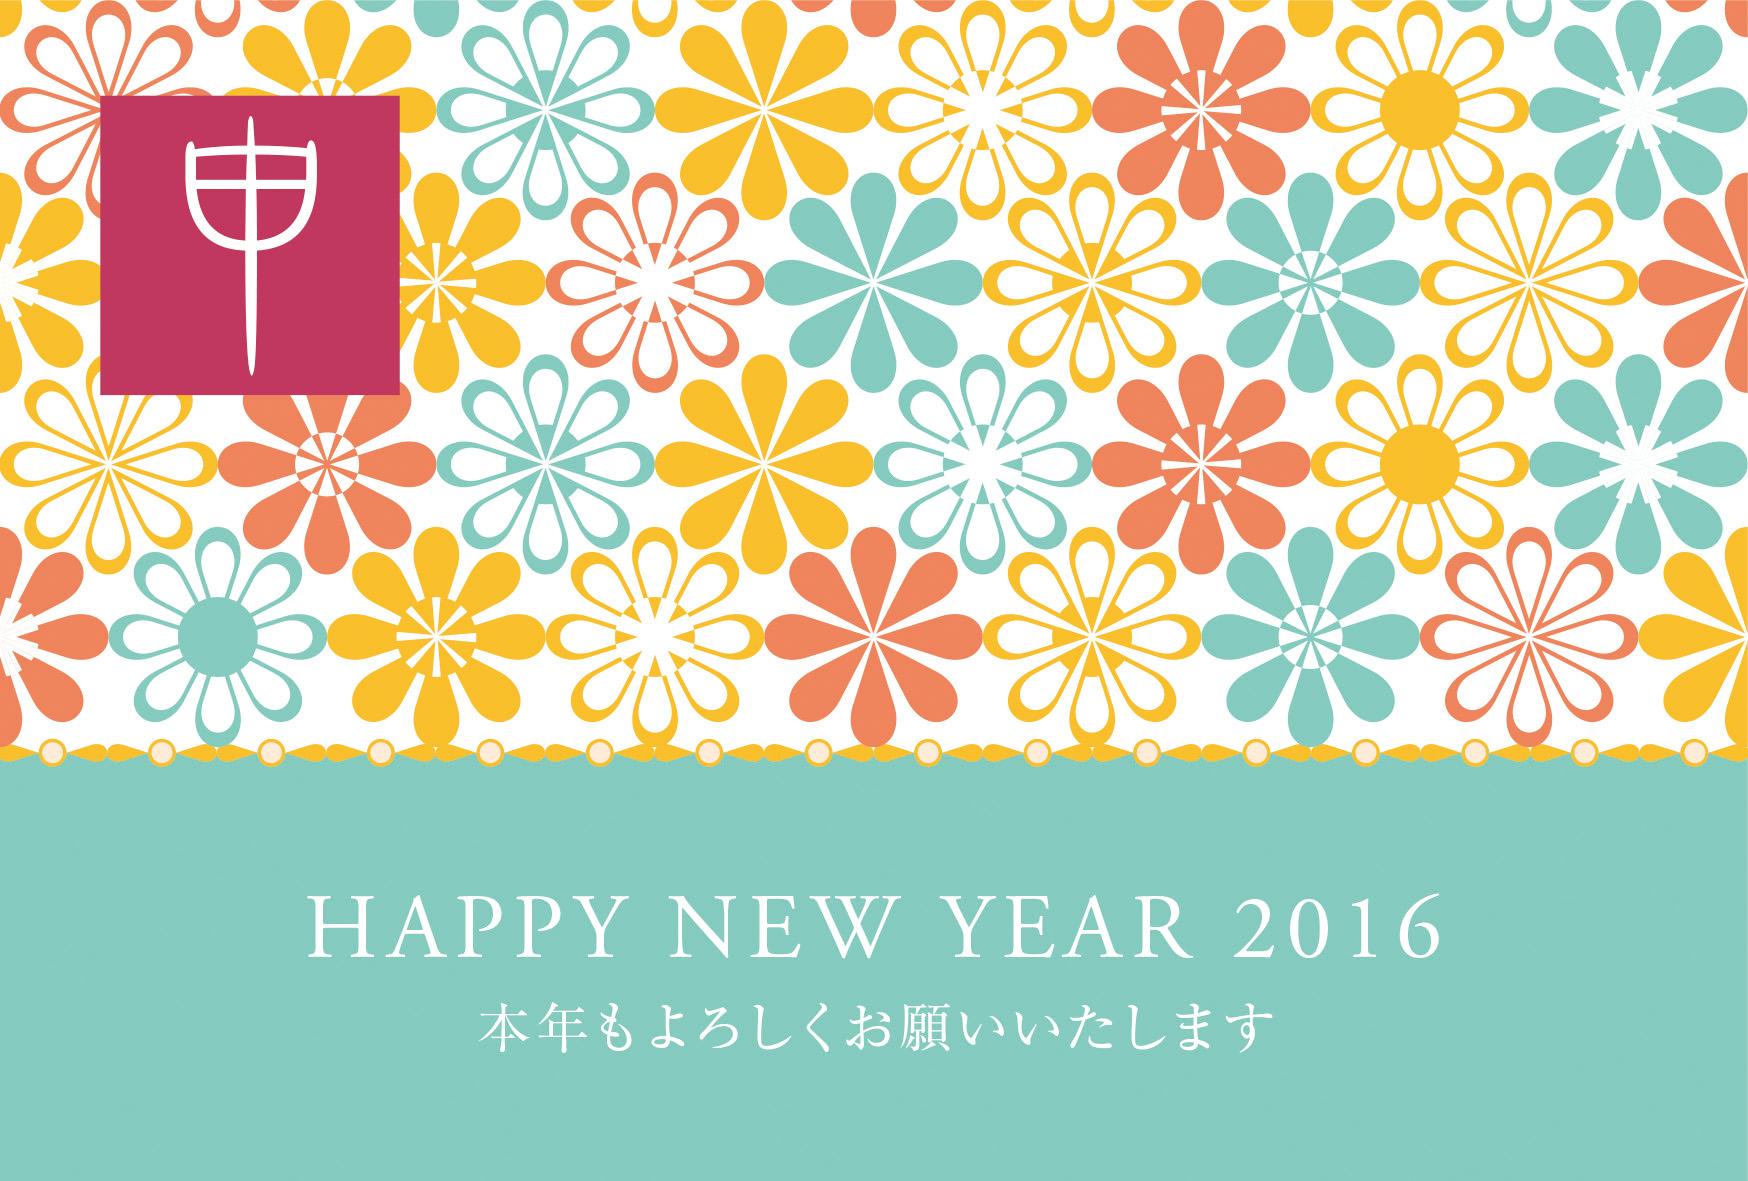 2016-00020-2.jpg